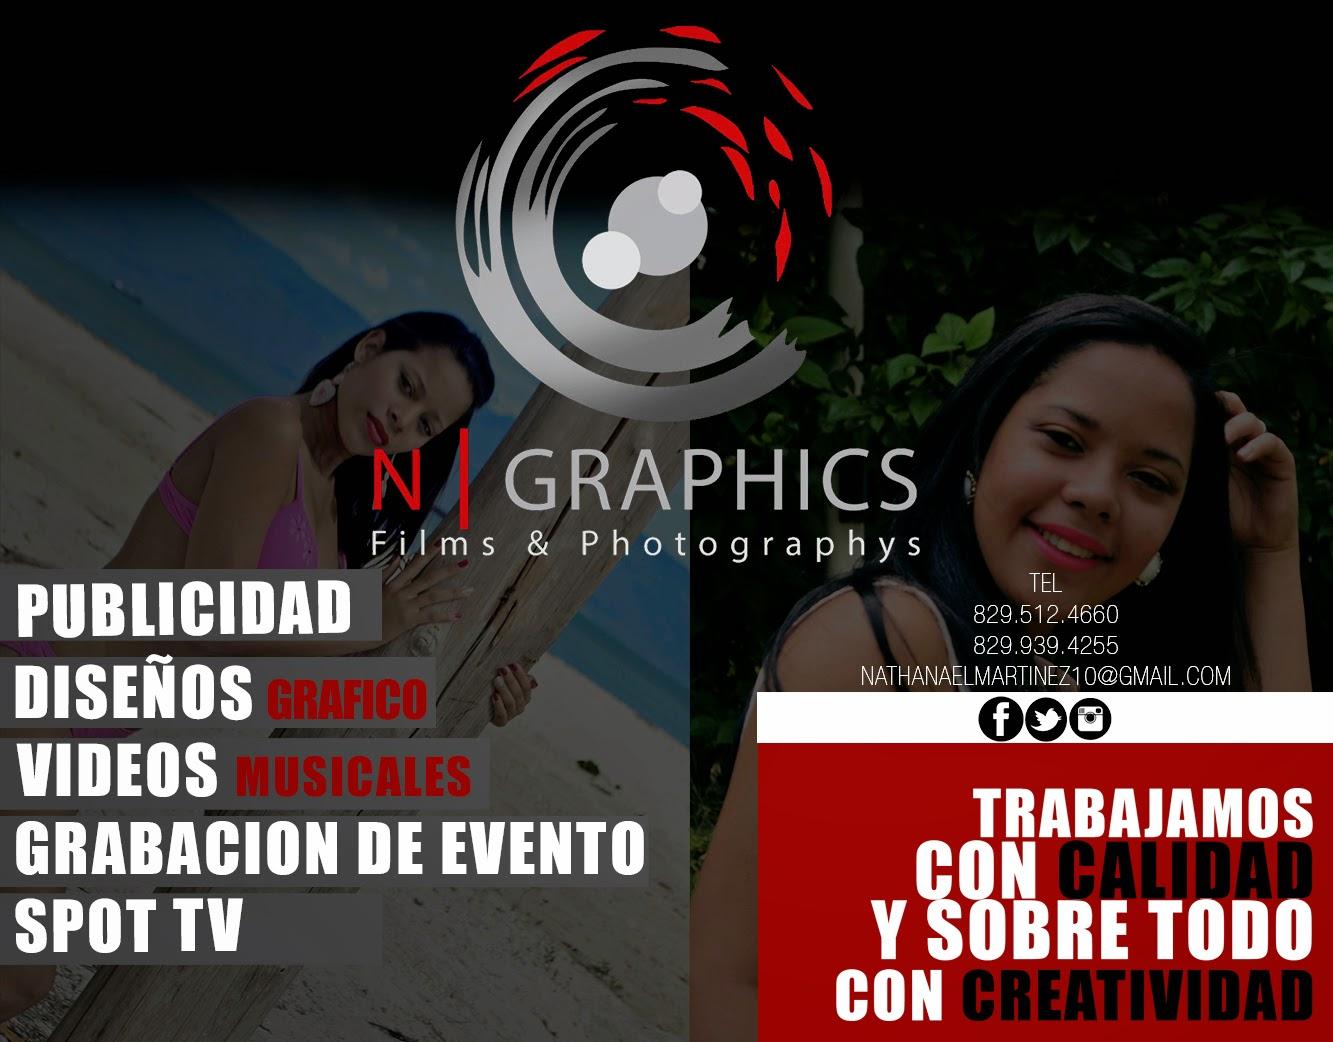 Publicidad N.Graphic